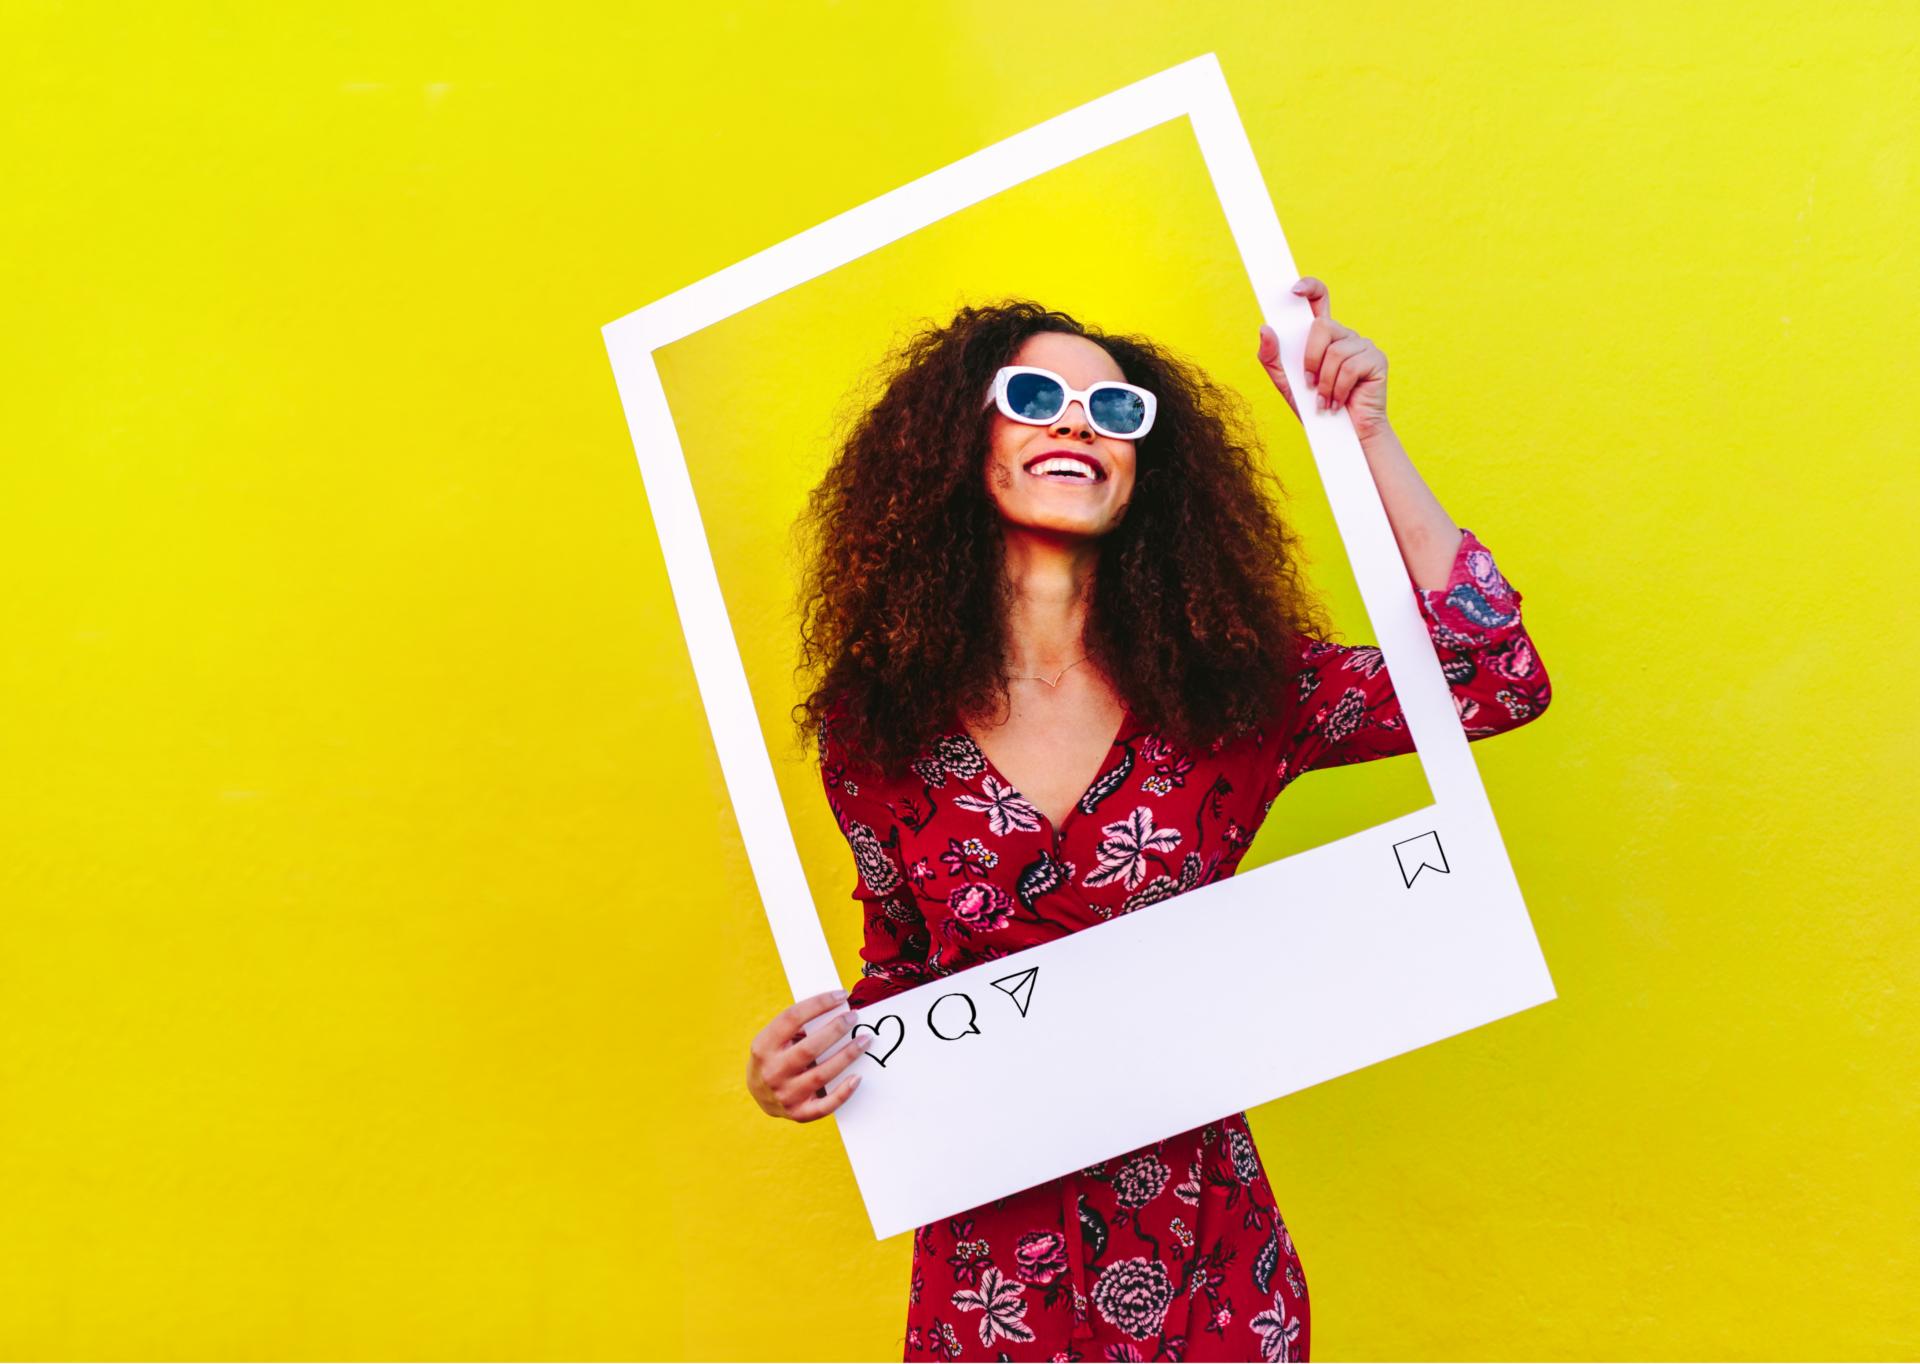 5 skvělých věcí, které nám poskytly sociální sítě